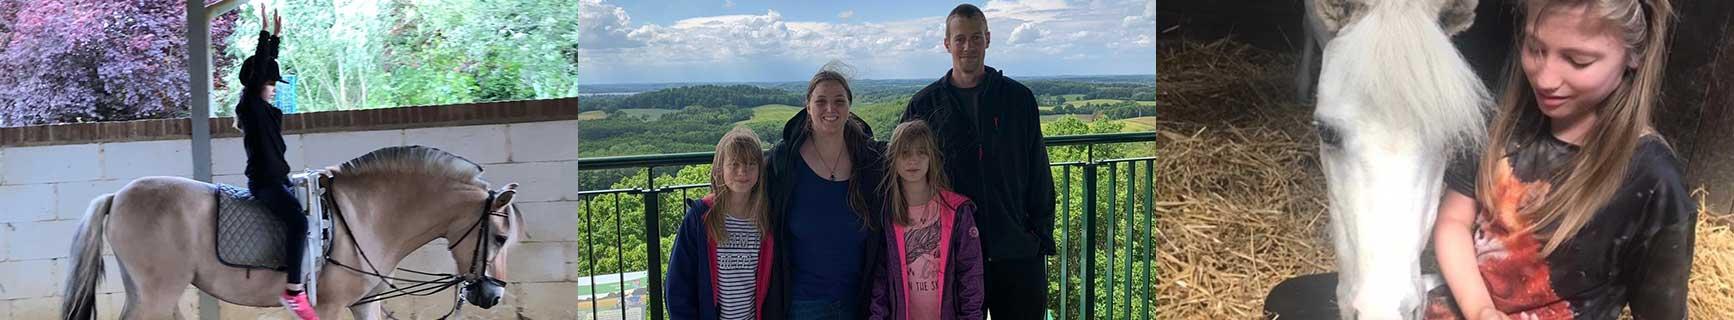 Banner Hörer helfen Kindern Spendenmarathon 2020 Reittherapie für die Zwillinge Lea-Sophie und Tabea-Marie